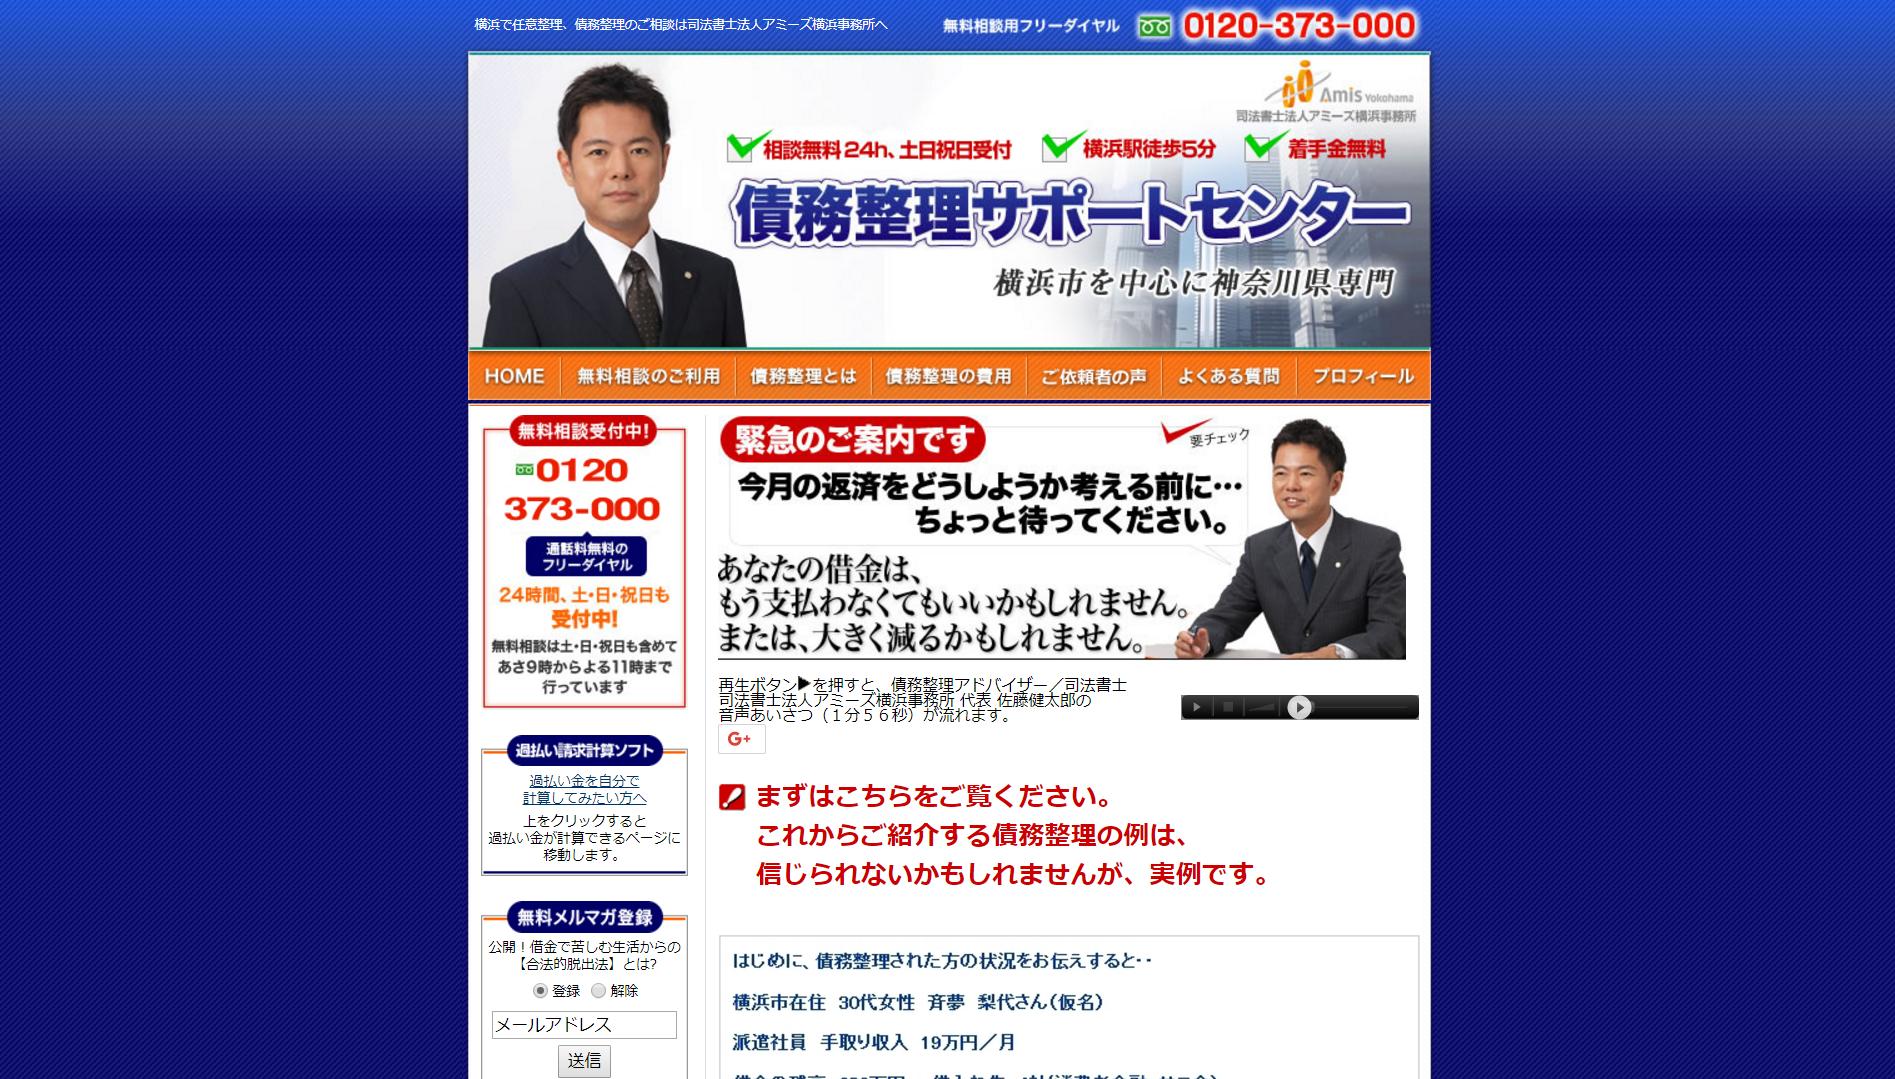 司法書士法人アミーズ横浜事務所(神奈川県横浜市西区)